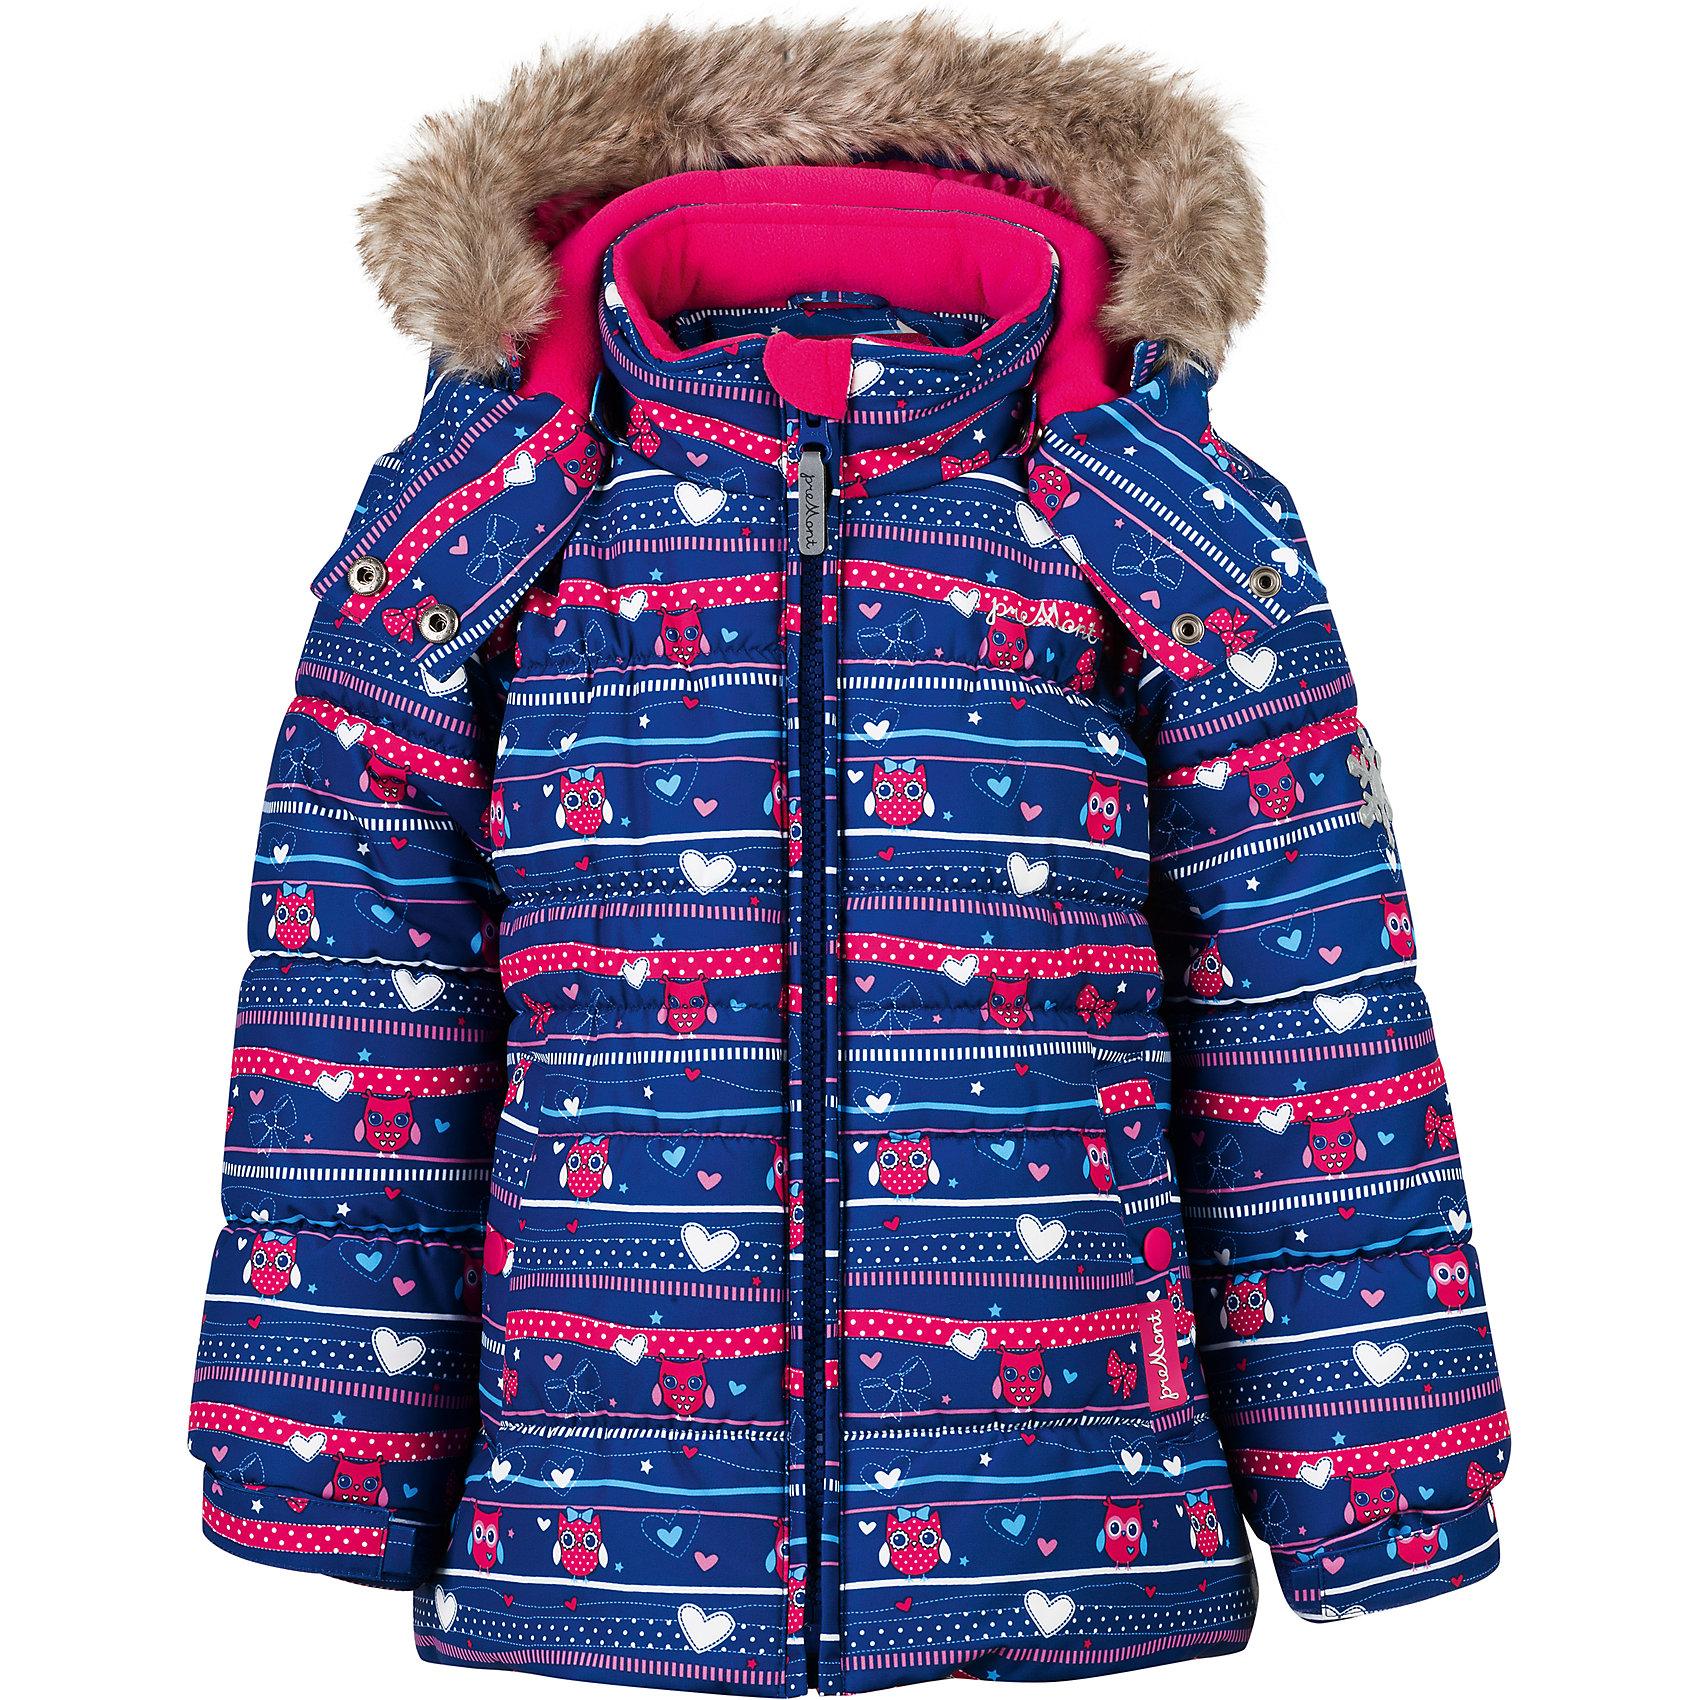 Куртка Premont для девочкиВерхняя одежда<br>Характеристики товара:<br><br>• цвет: синий<br>• состав ткани: Taslan<br>• подкладка: Polar fleece, Taffeta<br>• утеплитель: Tech-polyfill<br>• сезон: зима<br>• мембранное покрытие<br>• температурный режим: от -20 до +5<br>• водонепроницаемость: 5000 мм <br>• паропроницаемость: 5000 г/м2<br>• плотность утеплителя: 220 г/м2<br>• капюшон: съемный<br>• искусственный мех на капюшоне отстегивается<br>• застежка: молния<br>• страна бренда: Канада<br>• страна изготовитель: Китай<br><br>Мембранная зимняя куртка предусматривает множество деталей. Детская куртка дополнена эластичными манжетами, светоотражающими элементами, планкой от ветра и карманами. Мембранная куртка для ребенка сделана из современных качественных материалов. <br><br>Куртку для девочки Premont (Премонт) можно купить в нашем интернет-магазине.<br><br>Ширина мм: 356<br>Глубина мм: 10<br>Высота мм: 245<br>Вес г: 519<br>Цвет: синий<br>Возраст от месяцев: 84<br>Возраст до месяцев: 96<br>Пол: Женский<br>Возраст: Детский<br>Размер: 128,92,98,100,104,110,116,120,122<br>SKU: 7088255